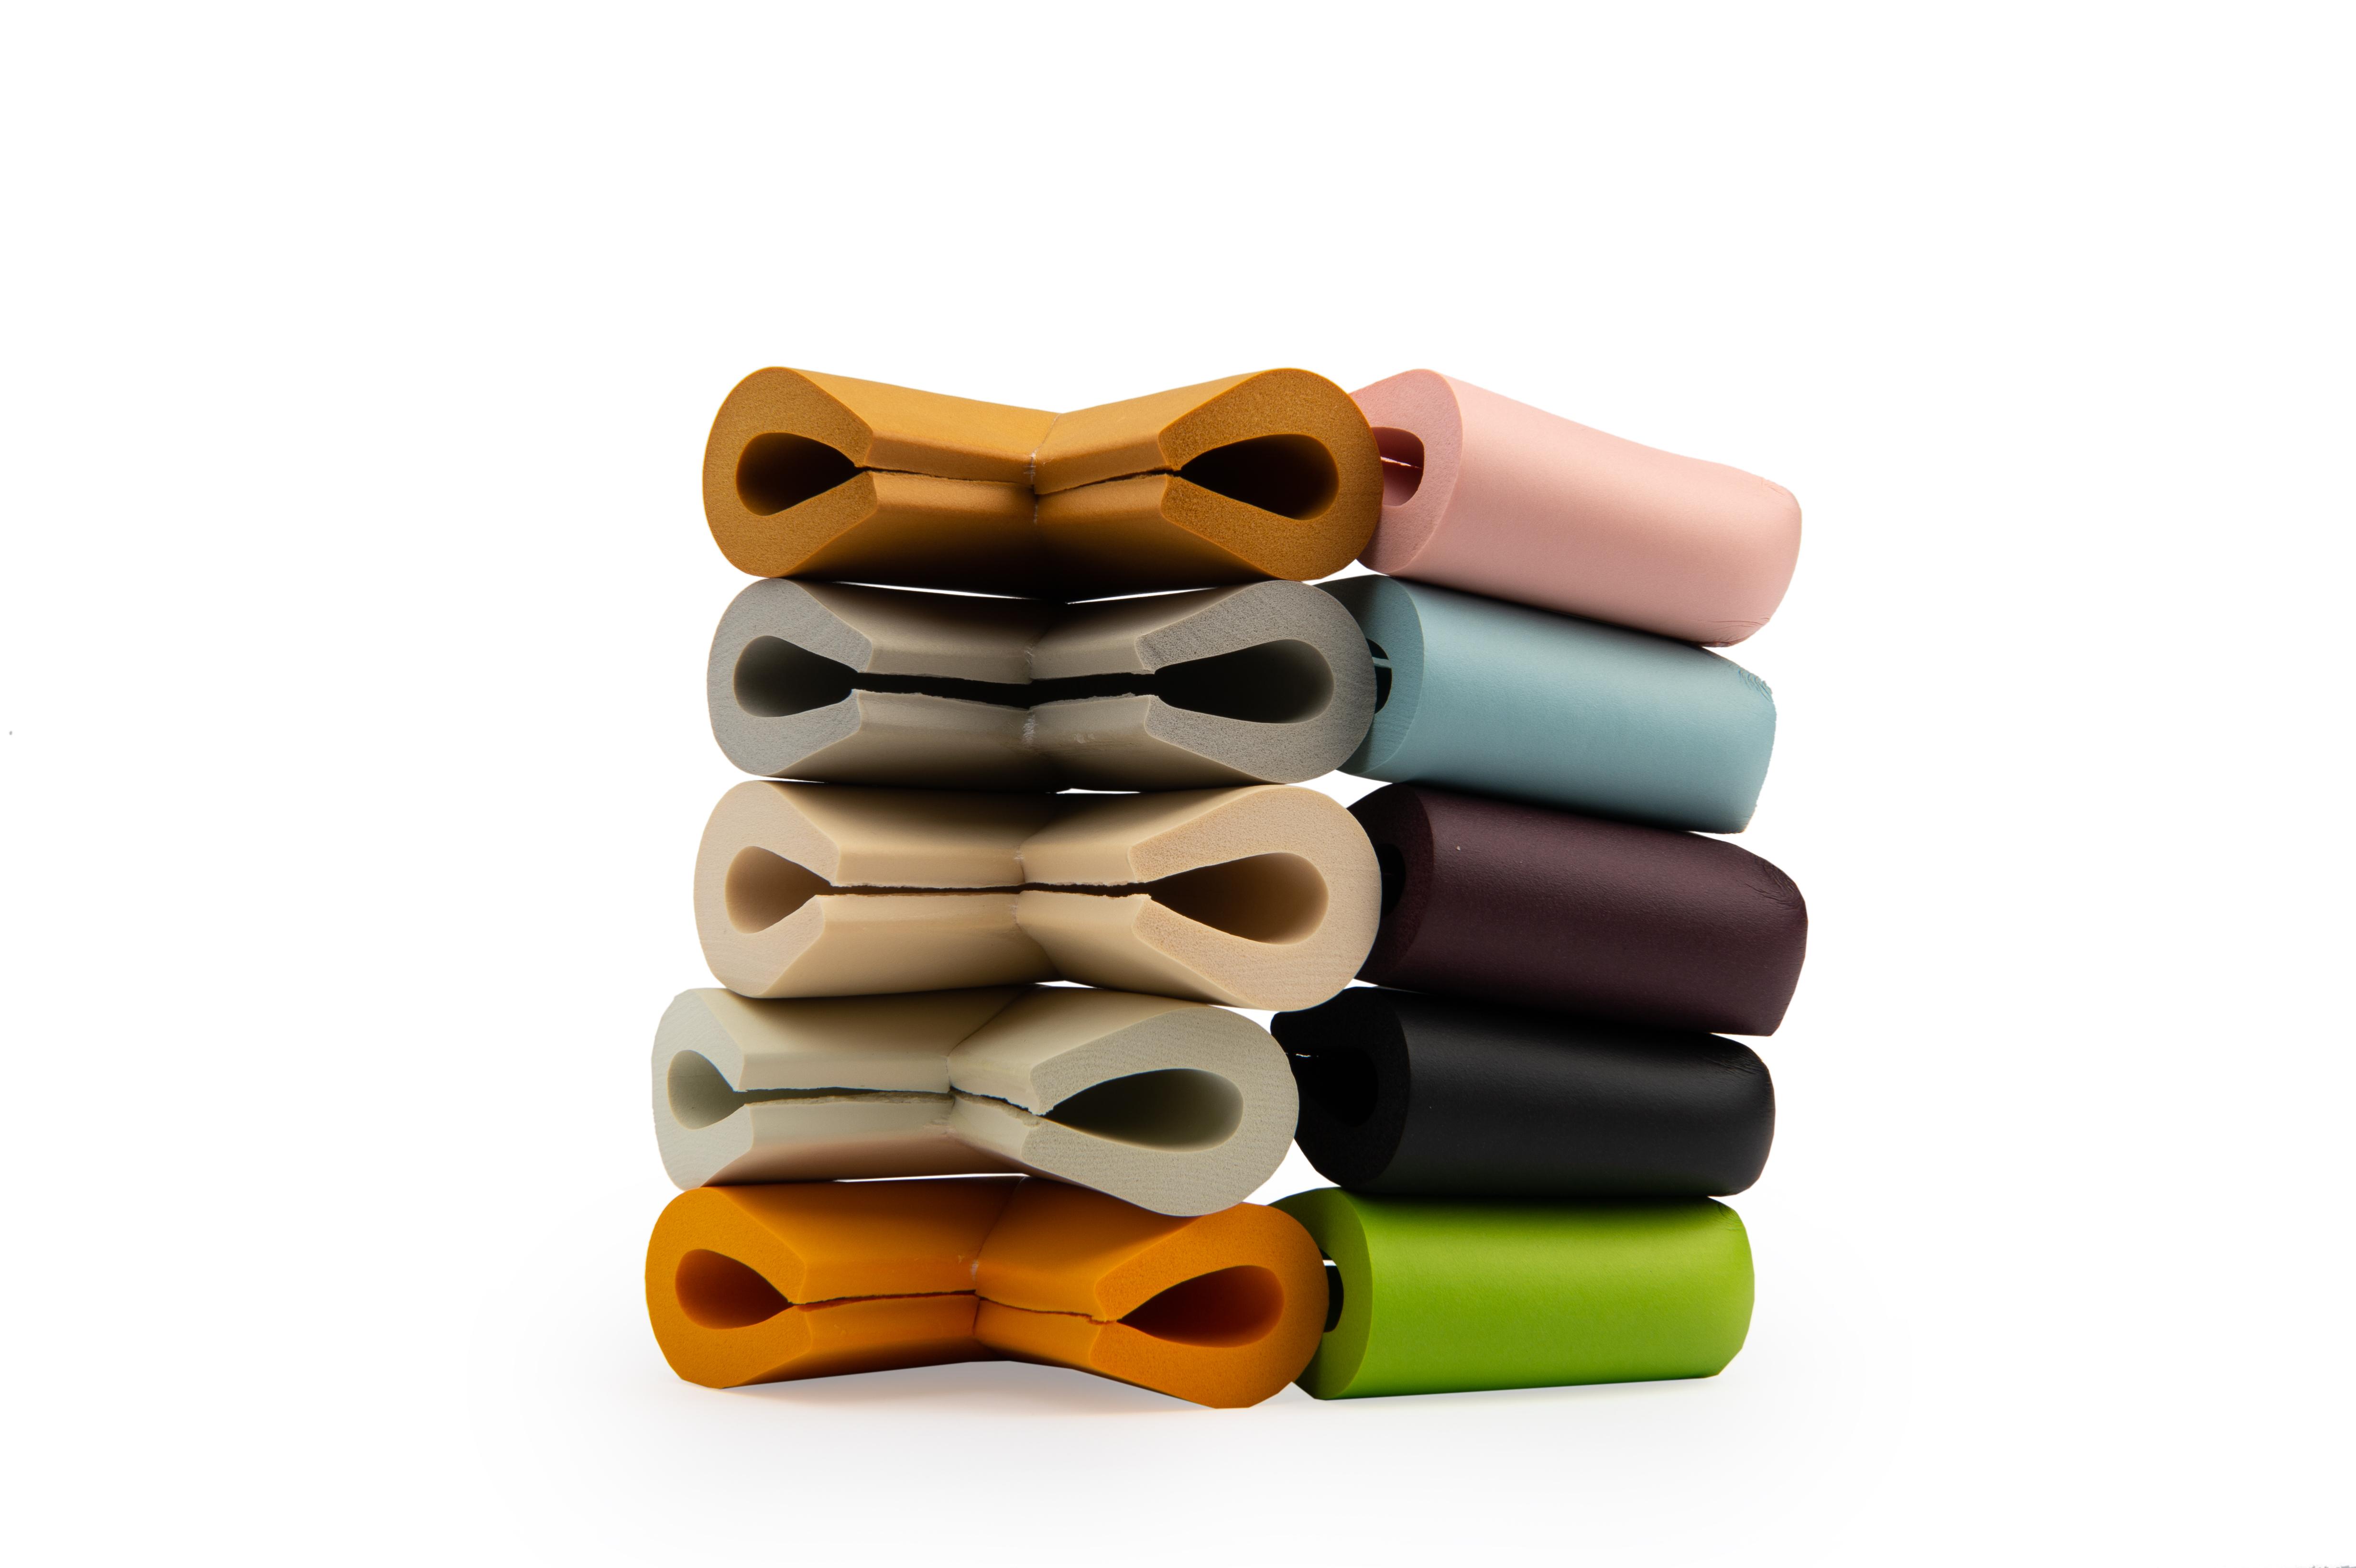 Protectii de colt pentru mobila in diferite culori